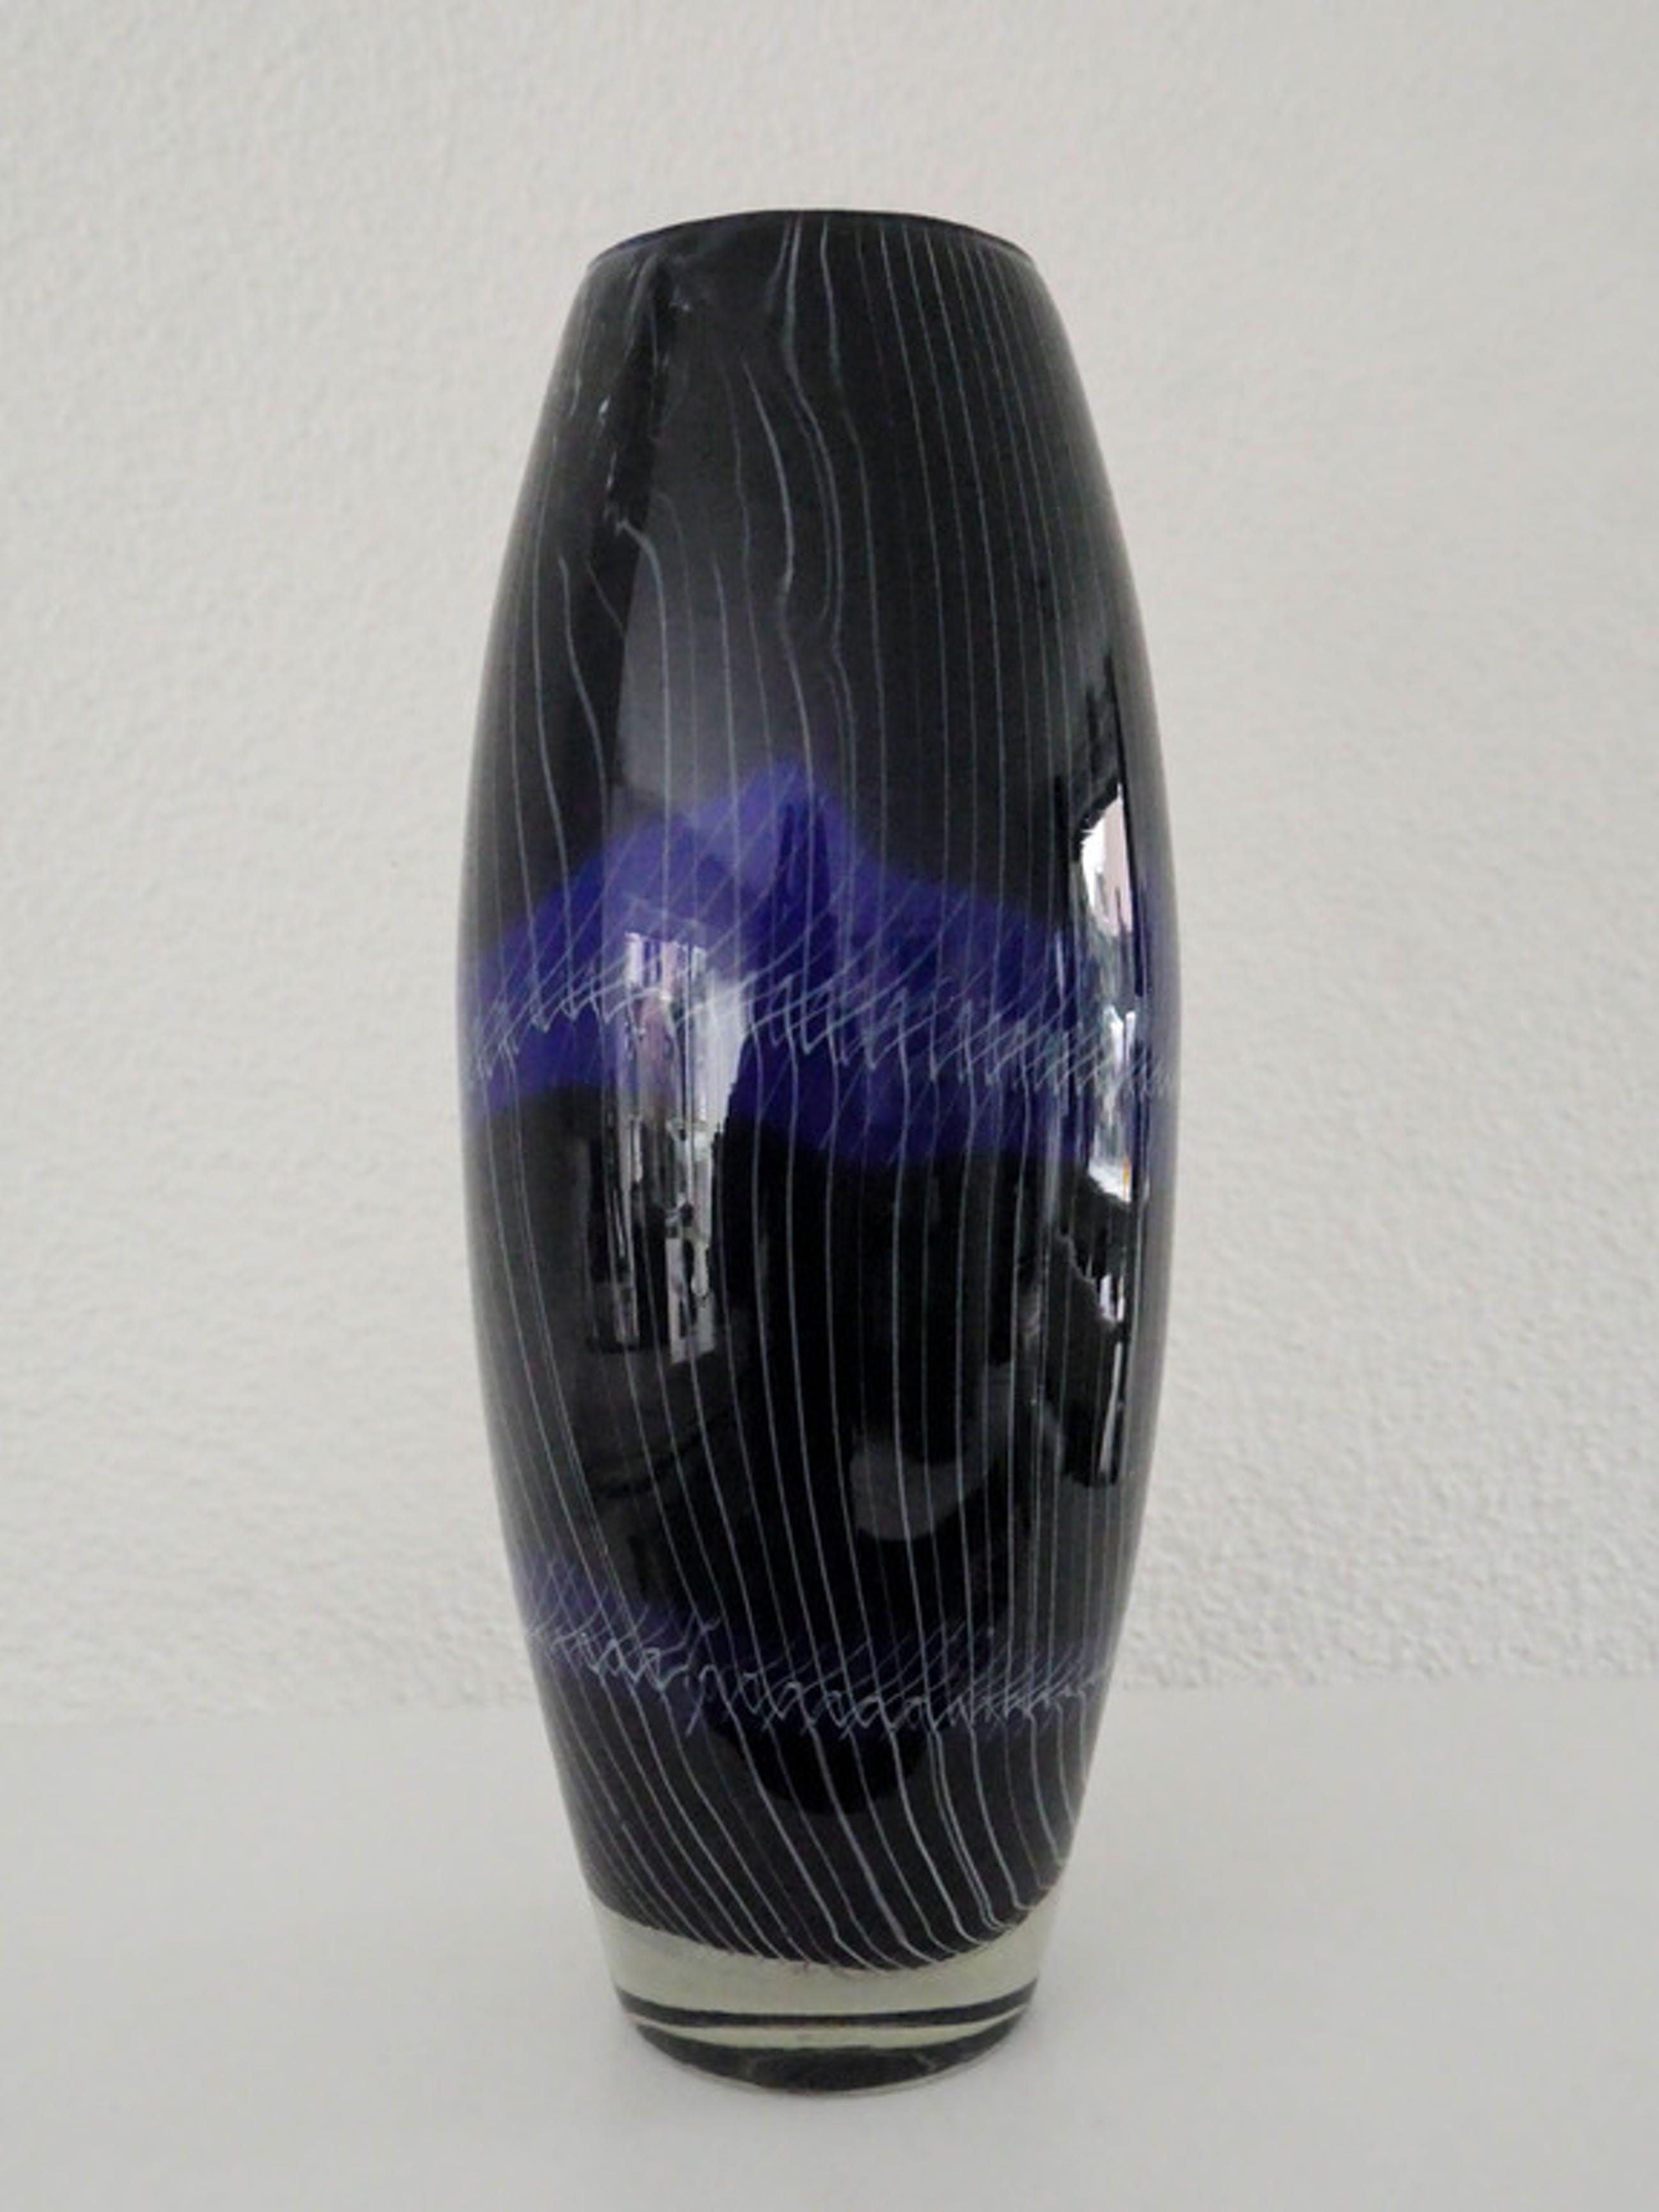 Zware blauwe vaas kopen? Bied vanaf 20!